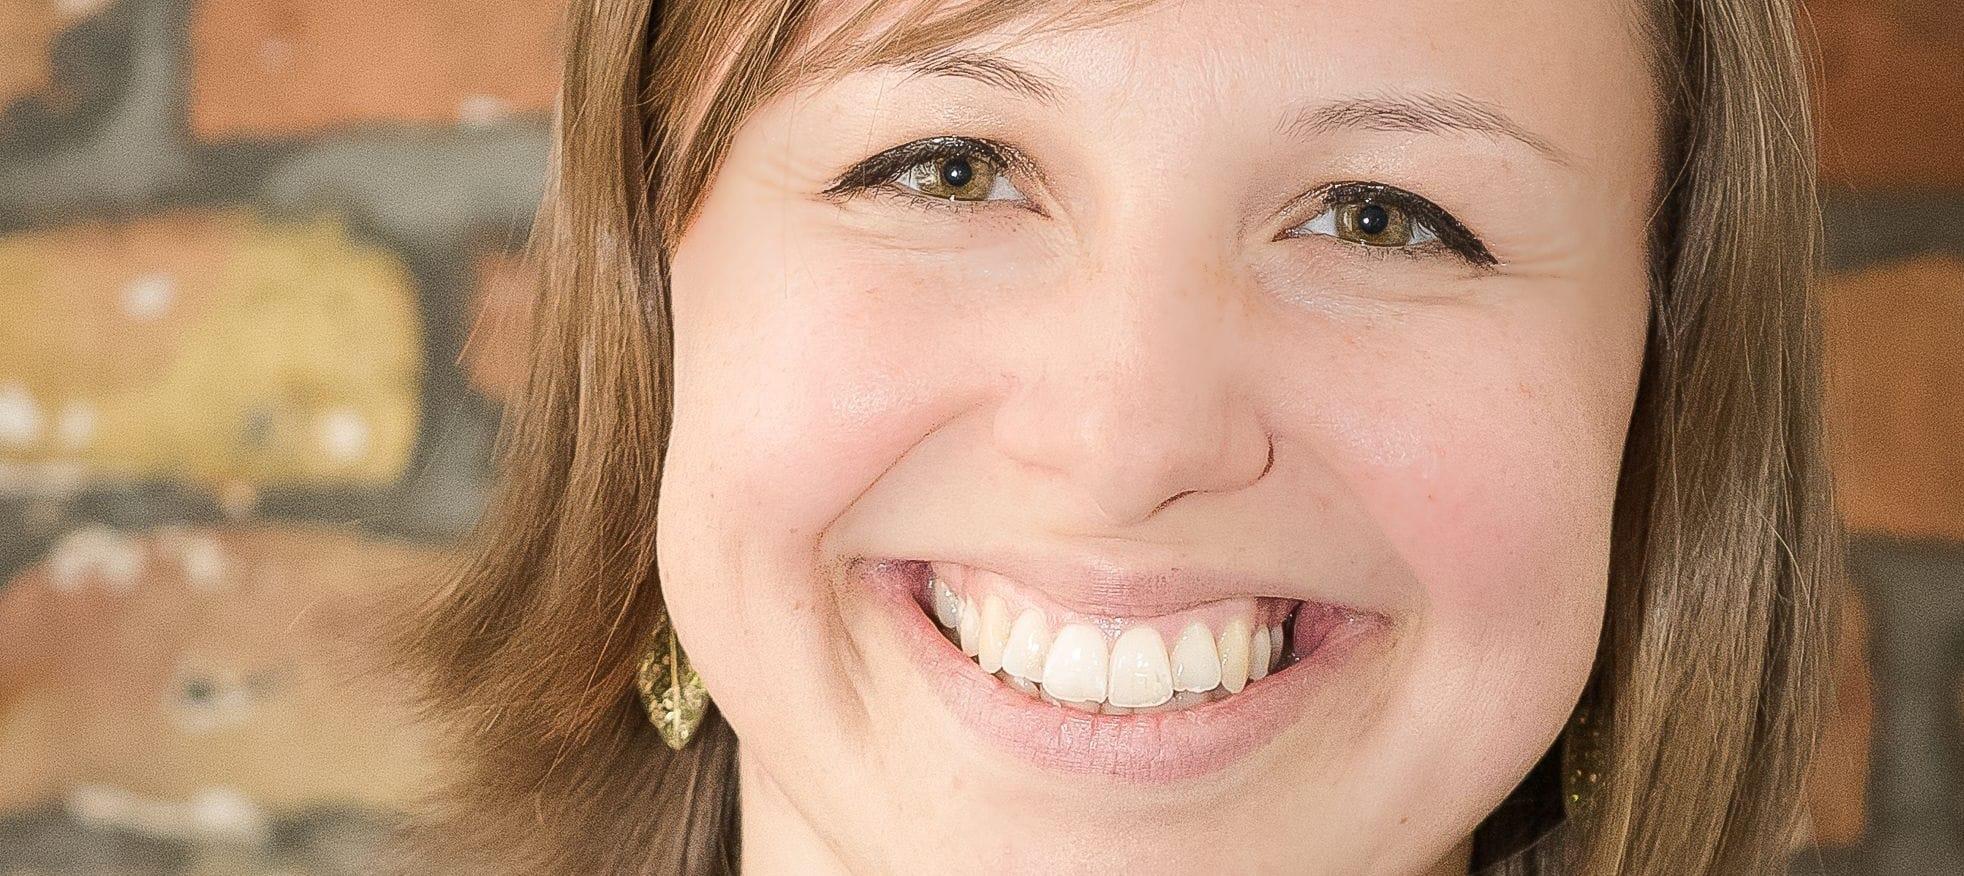 Kennt sich aus mit Führungskräftegewinnung, Führungskräfte gewinnen: Annika Behrendt von talents4good (auf dem Bild zu sehen)